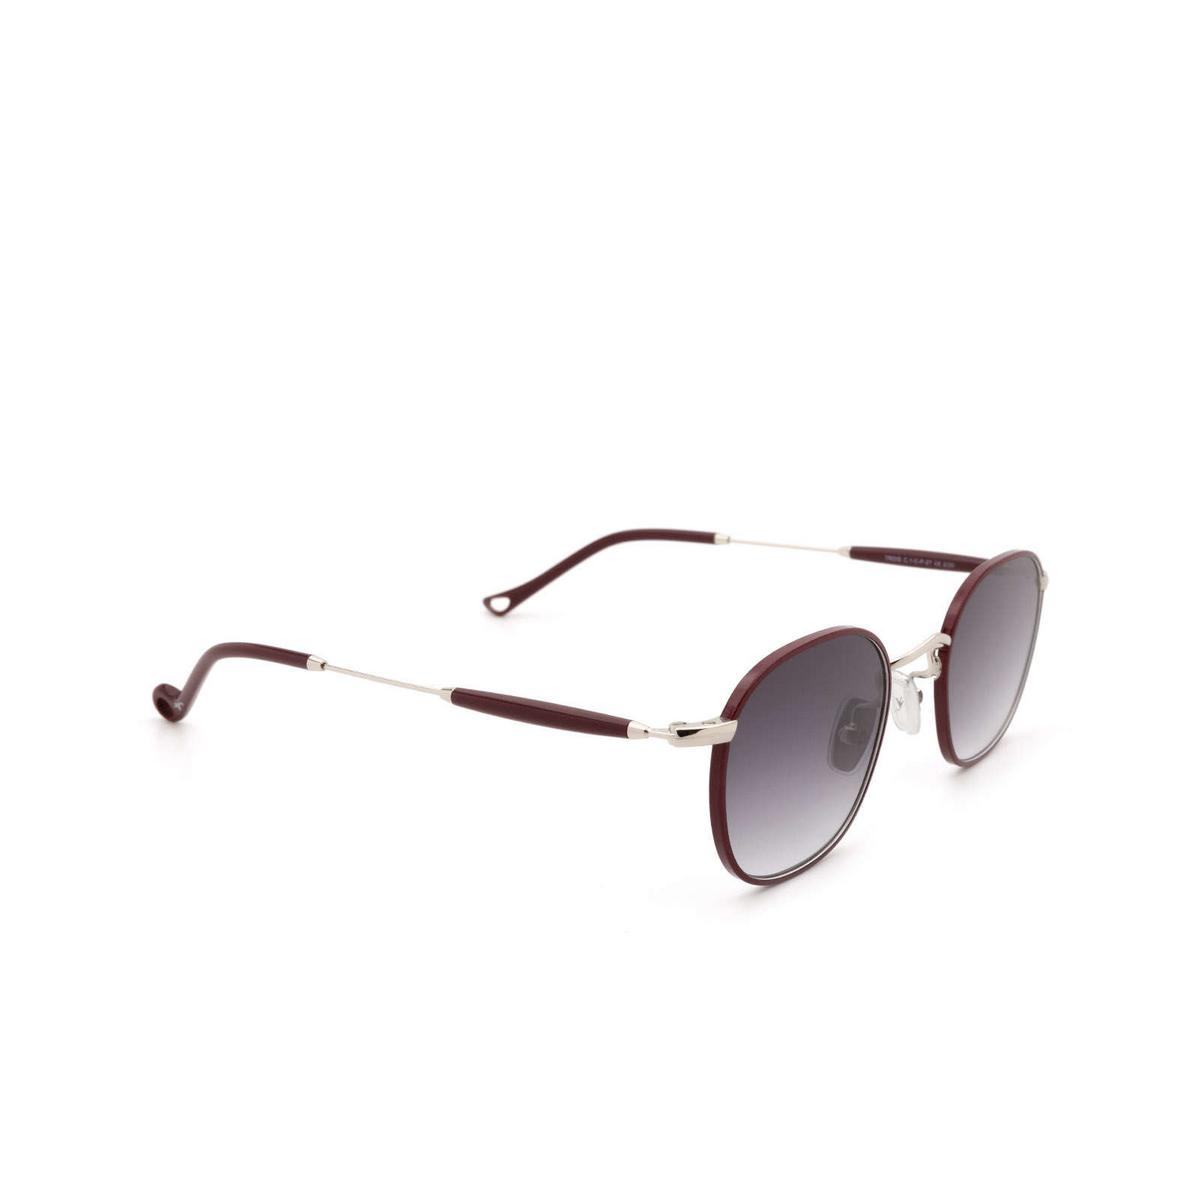 Eyepetizer® Square Sunglasses: Trois color Bordeaux C.1-C-P-27 - three-quarters view.